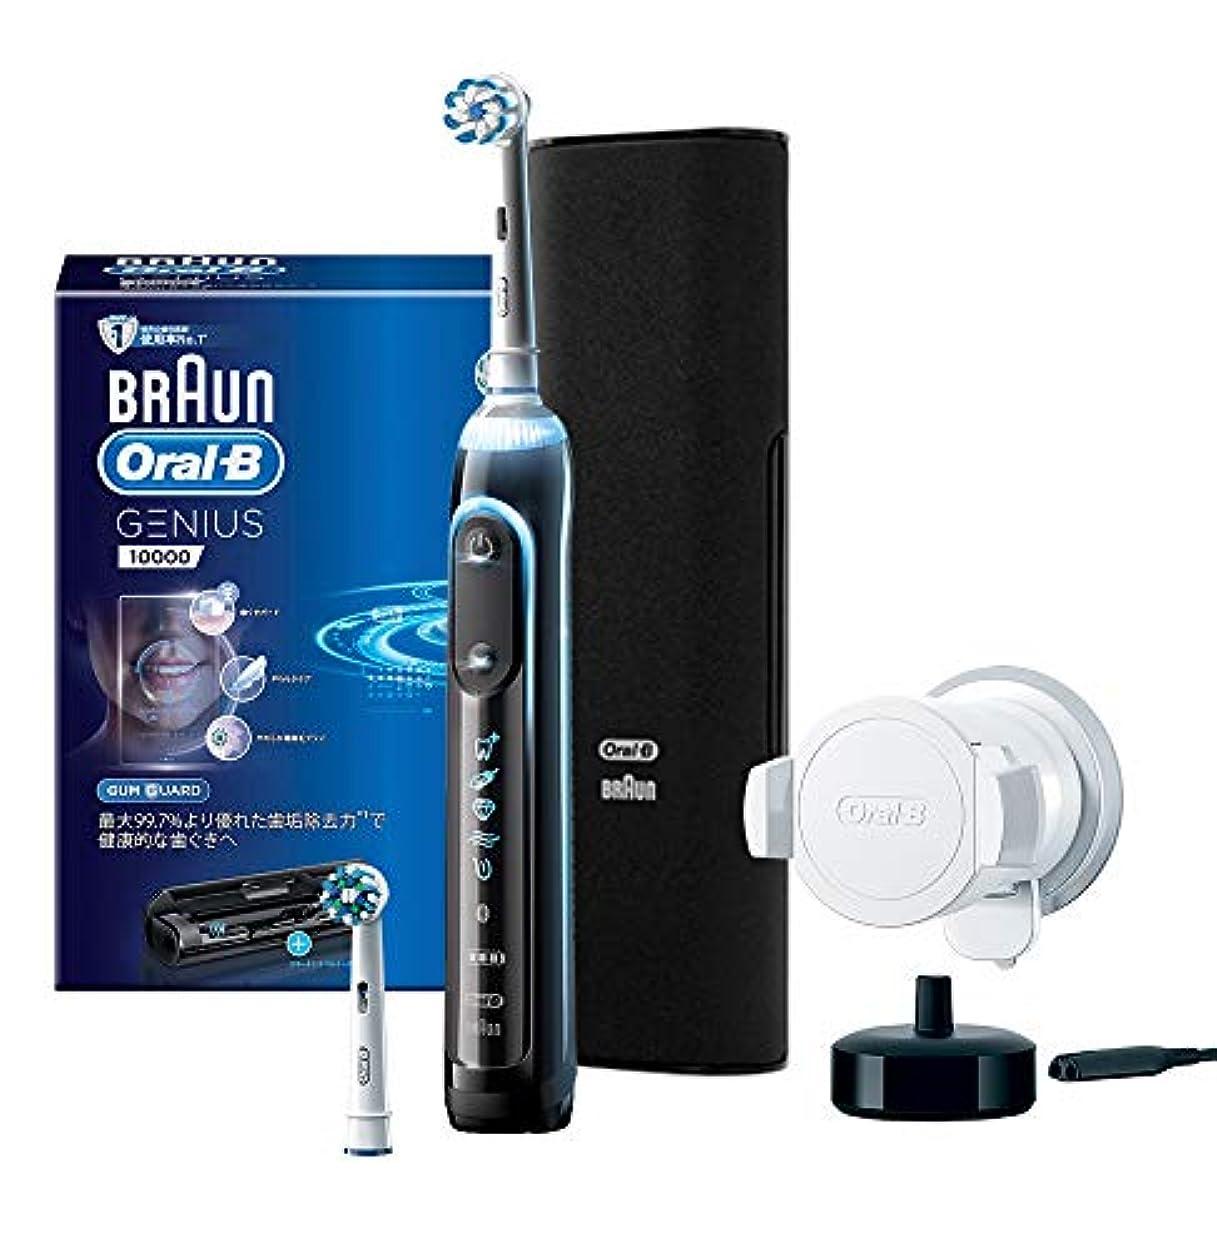 渇き裁量スケジュールブラウン オーラルB 電動歯ブラシ ジーニアス10000A ブラック D7015266XCMBK D7015266XCMBK